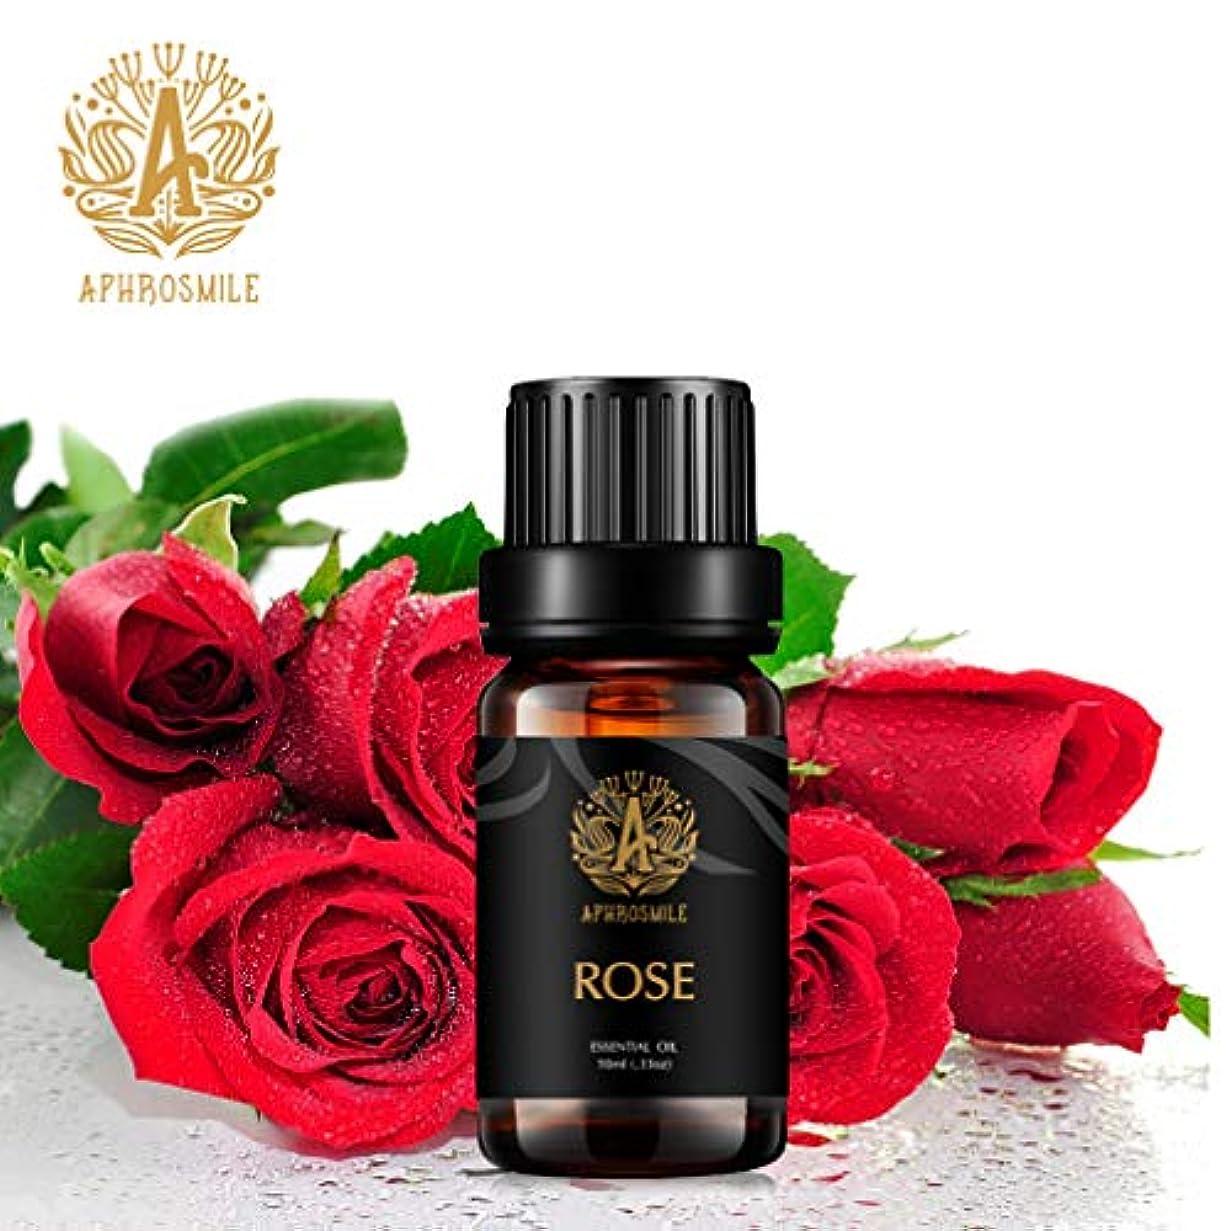 香り公爵つかむローズエッセンシャルオイル、100%ピュアアロマセラピーエッセンシャルオイルローズの香り、肌に栄養を与え、治療用グレードエッセンシャルオイルローズの香り、為にディフューザー、マッサージ、加湿器、デイリーケア、0.33オンス...